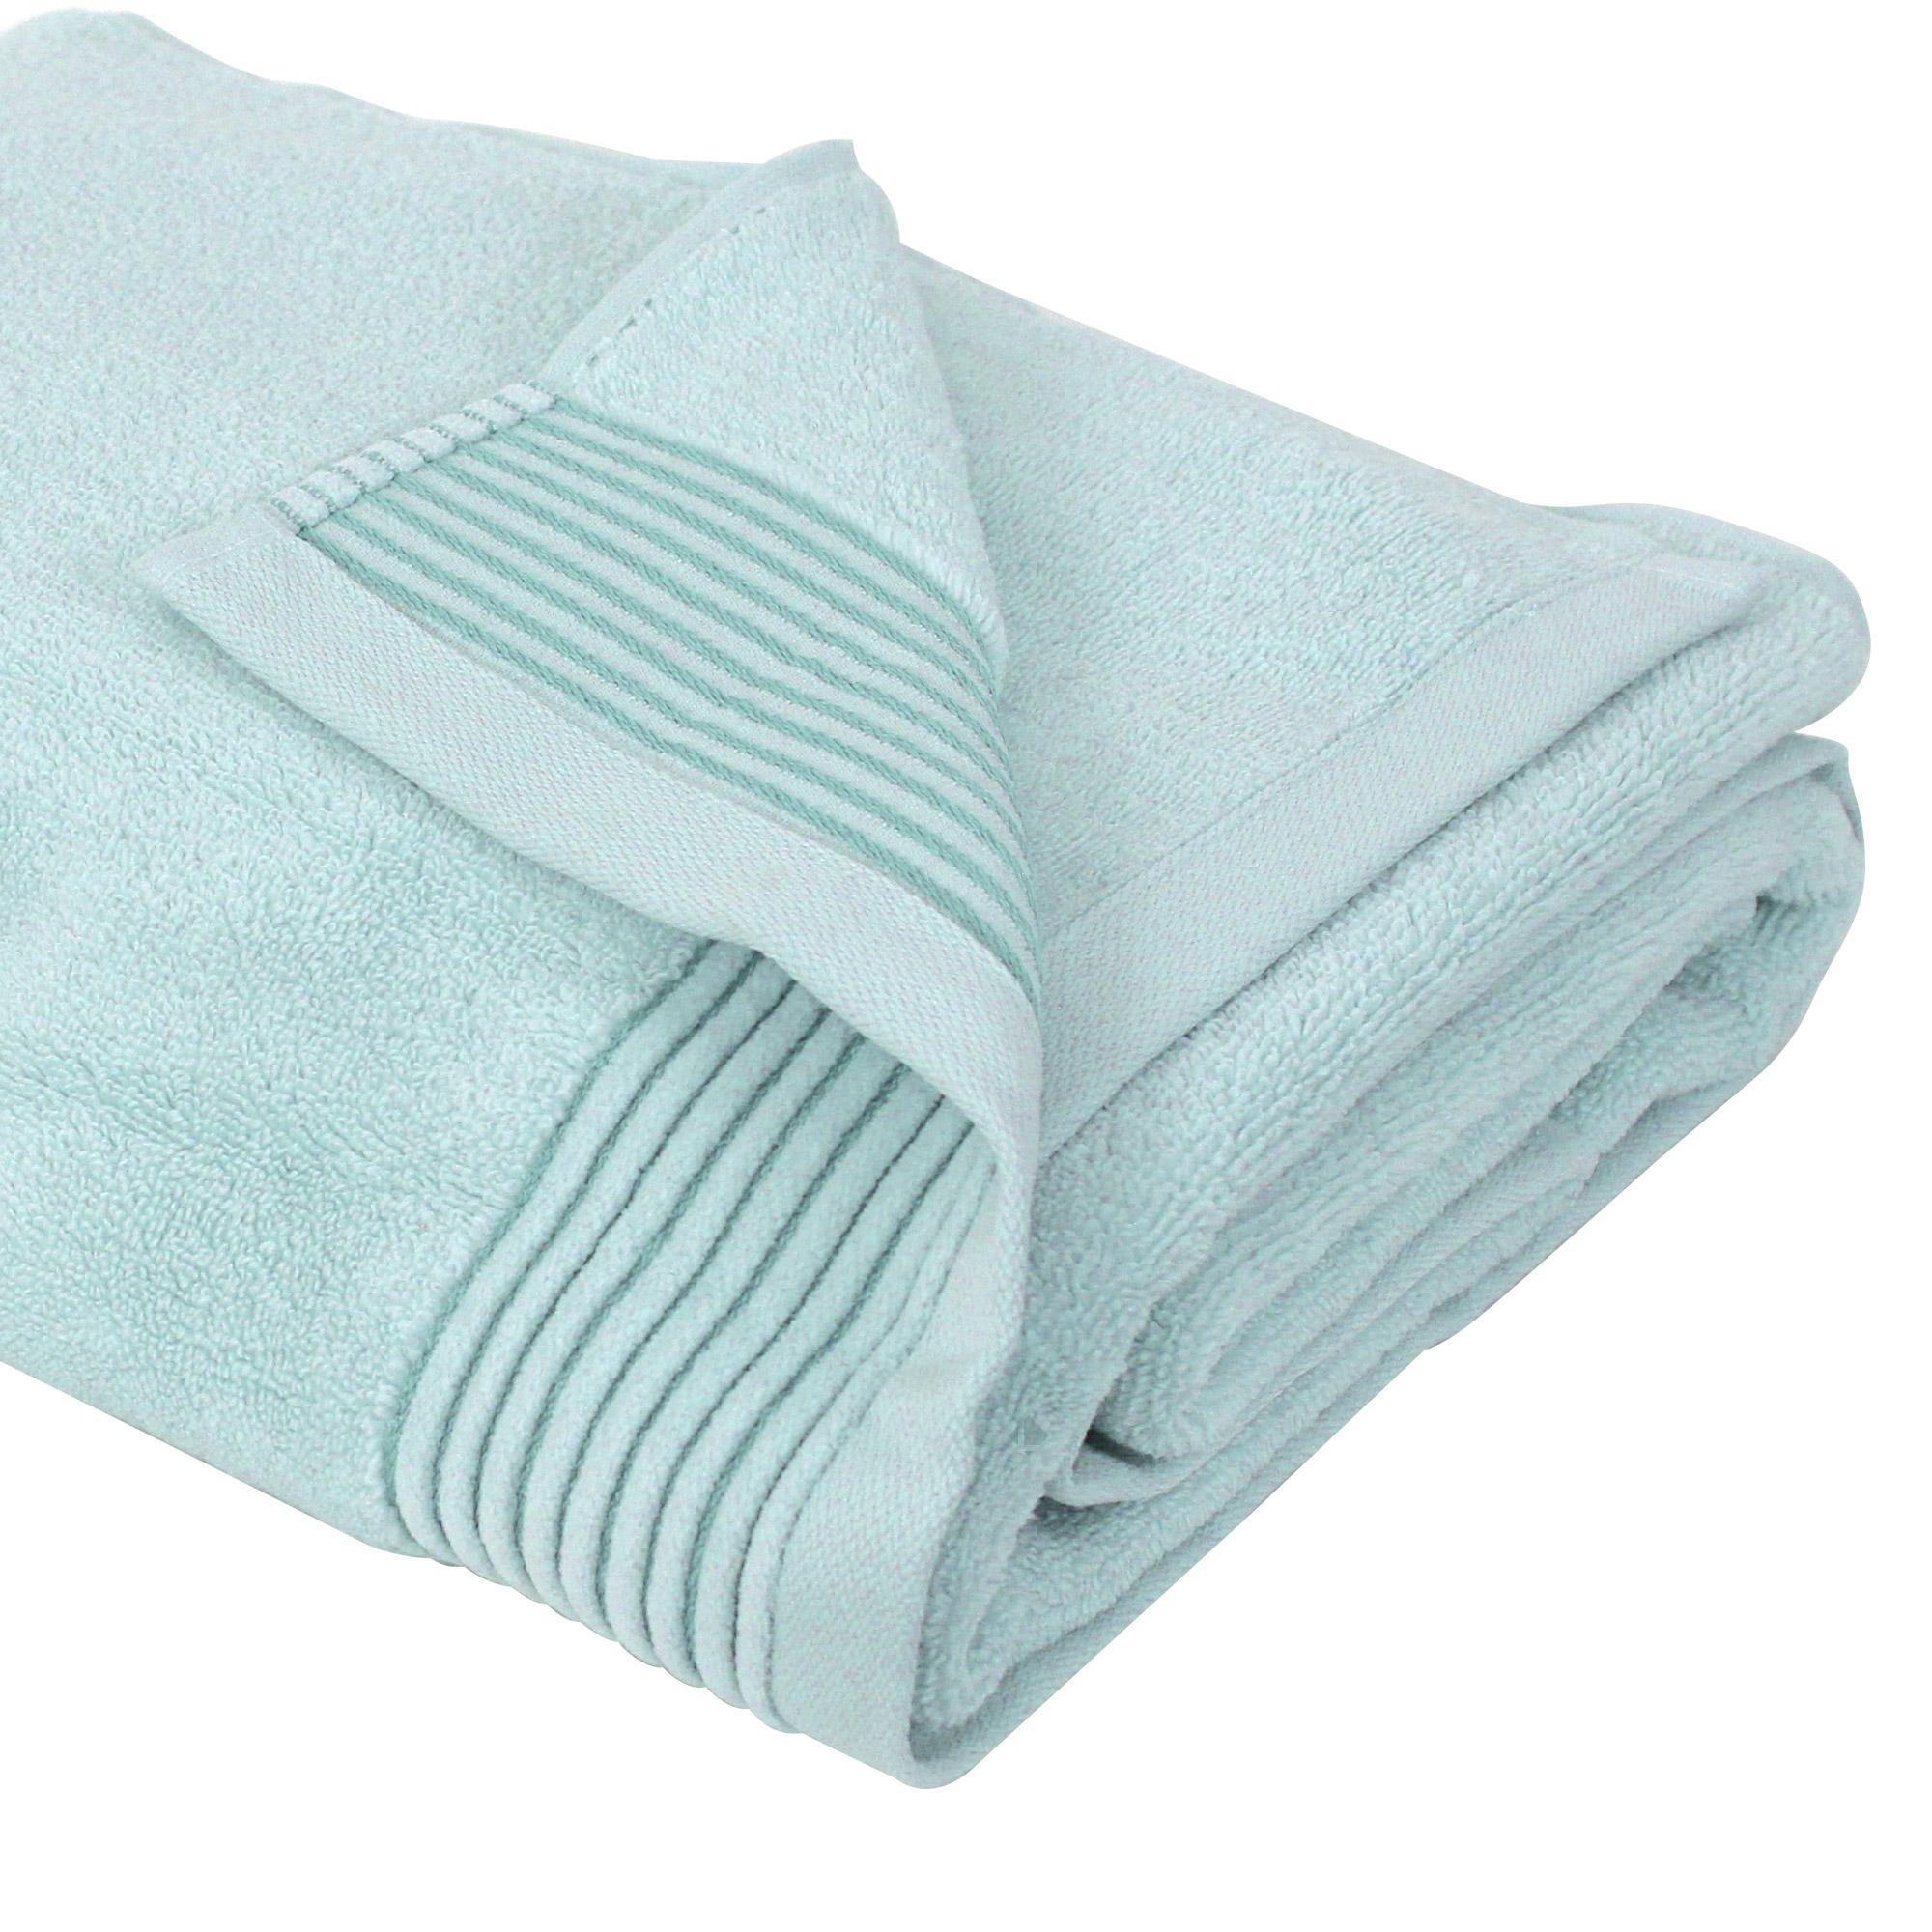 drap de bain 100x150 cm juliet bleu p le 520 g m2 linnea linge de maison et. Black Bedroom Furniture Sets. Home Design Ideas